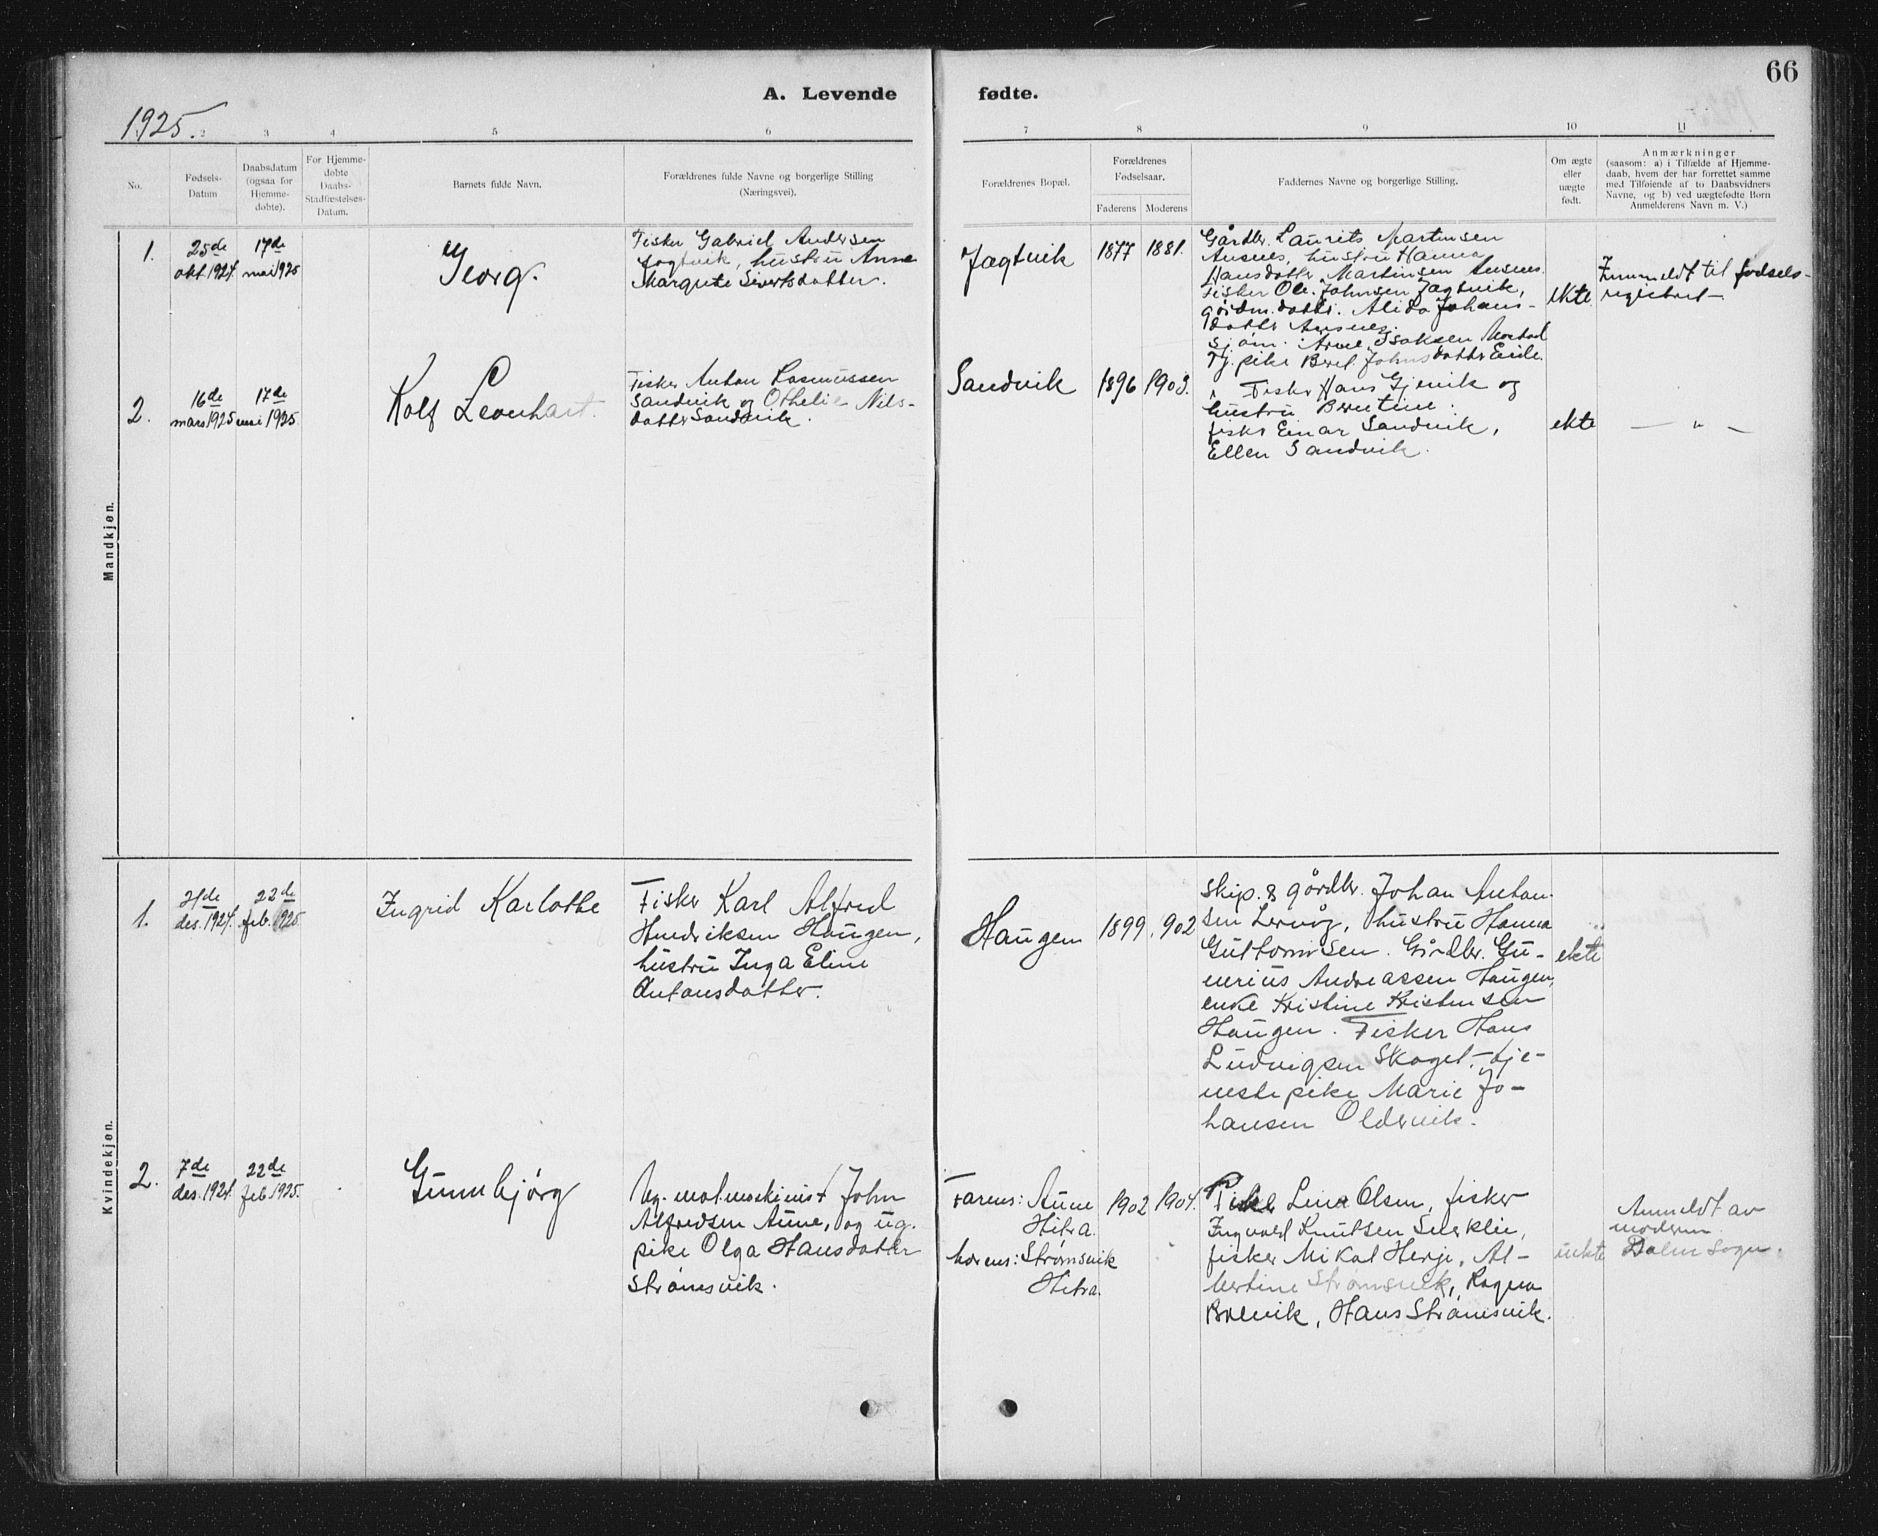 SAT, Ministerialprotokoller, klokkerbøker og fødselsregistre - Sør-Trøndelag, 637/L0563: Klokkerbok nr. 637C04, 1899-1940, s. 66